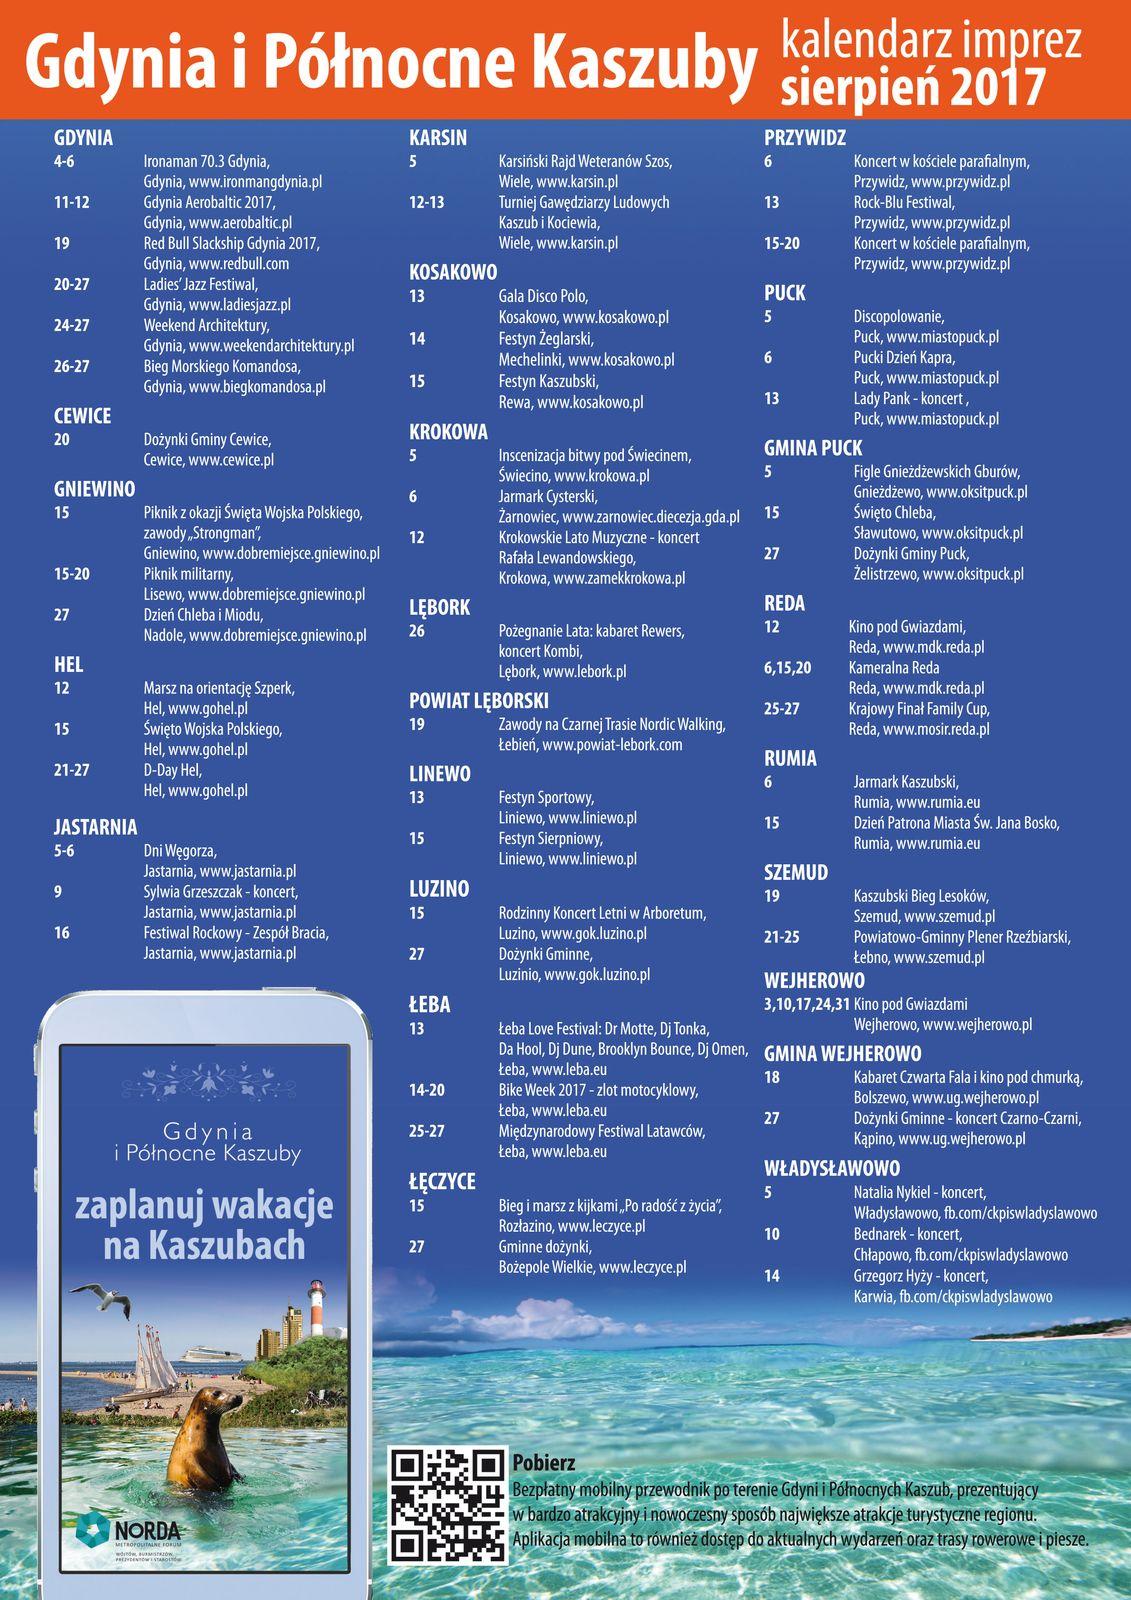 kalendarz imprez sierpien 2017.cdr